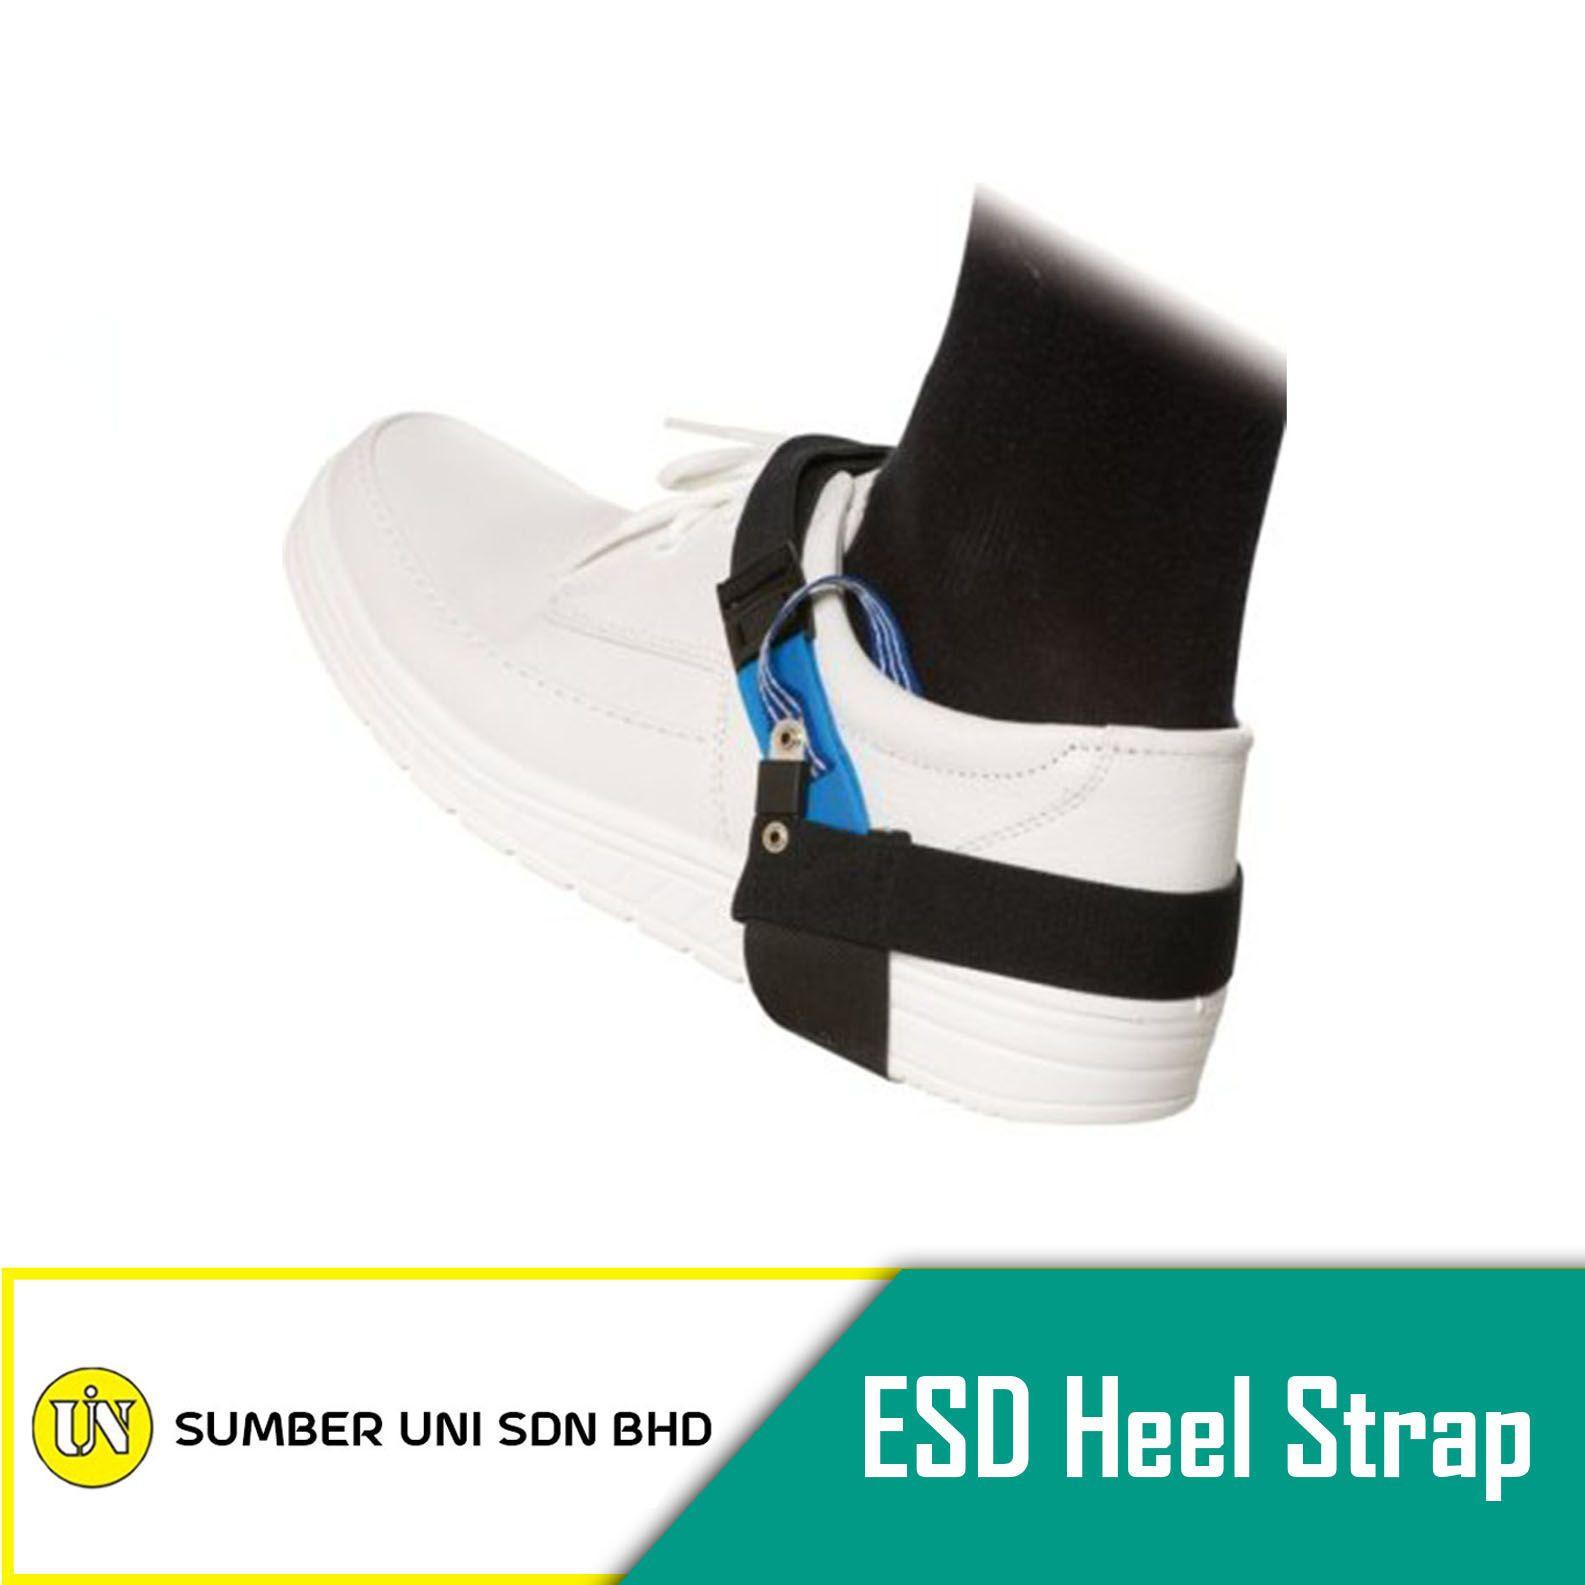 ESD Heel Strap